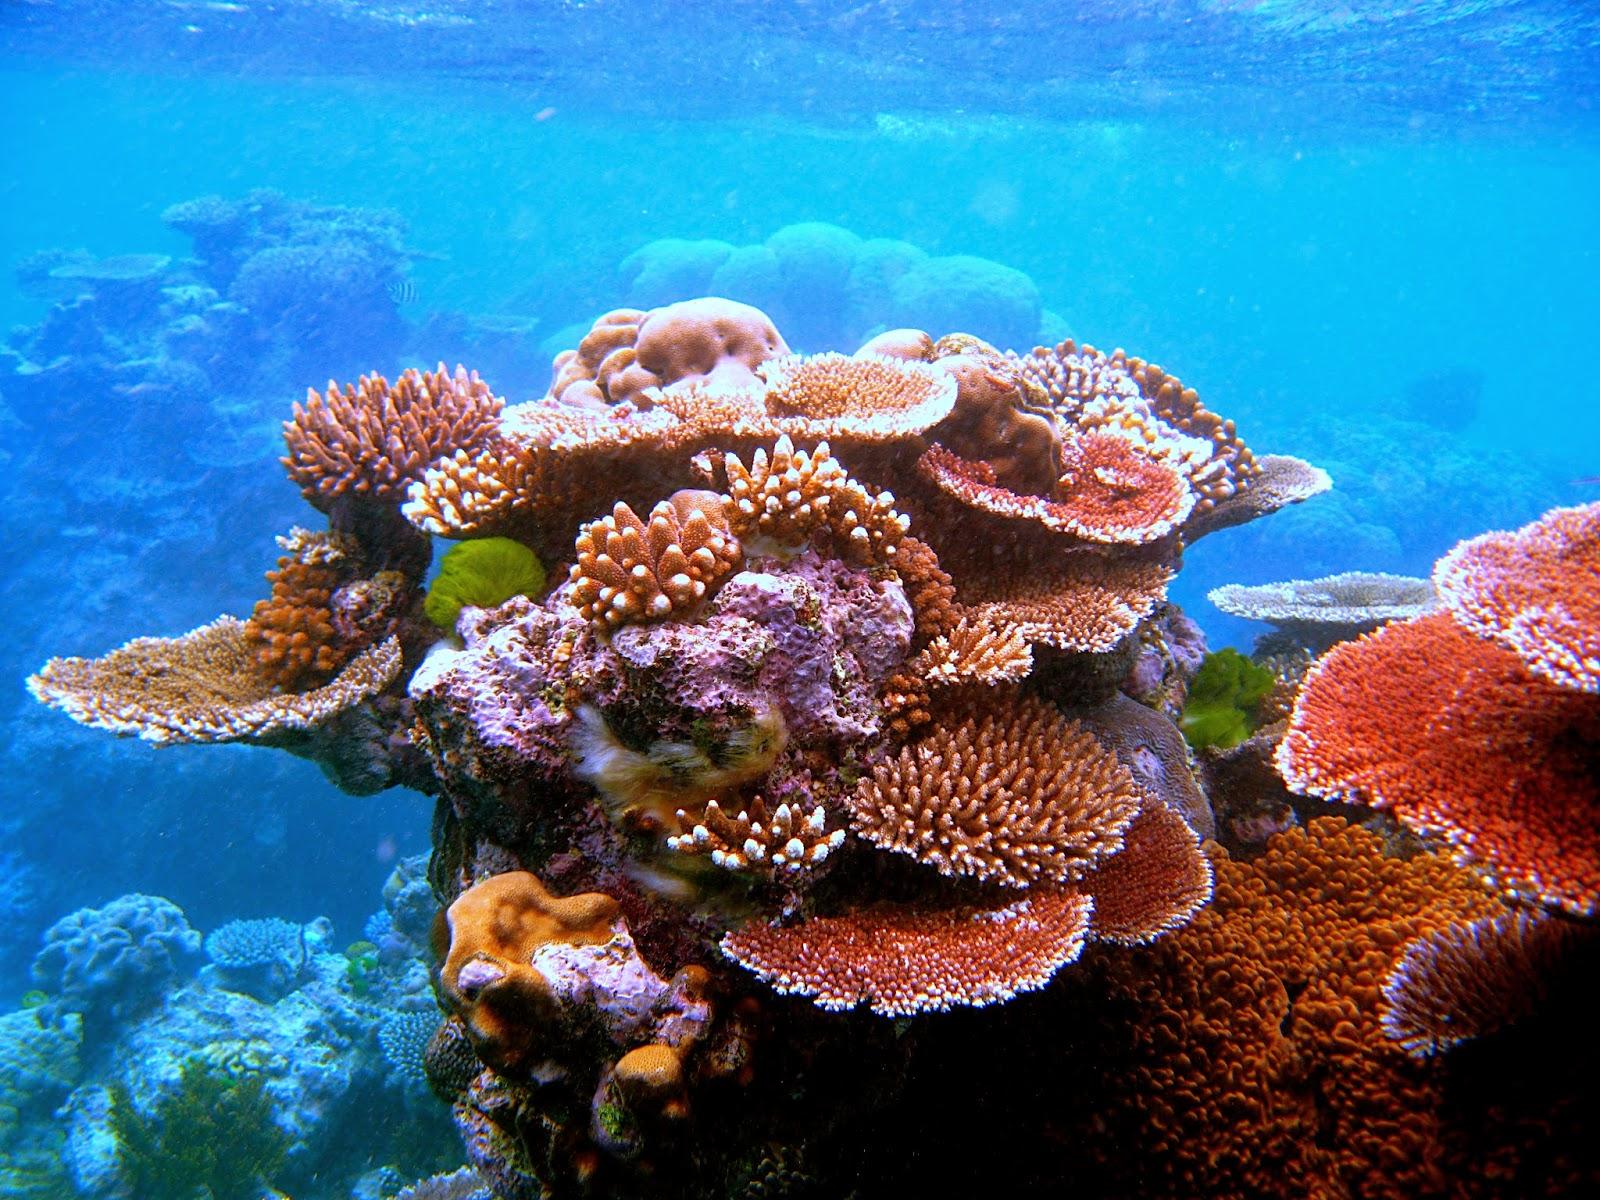 3 coral atada en una silla 2 - 3 9